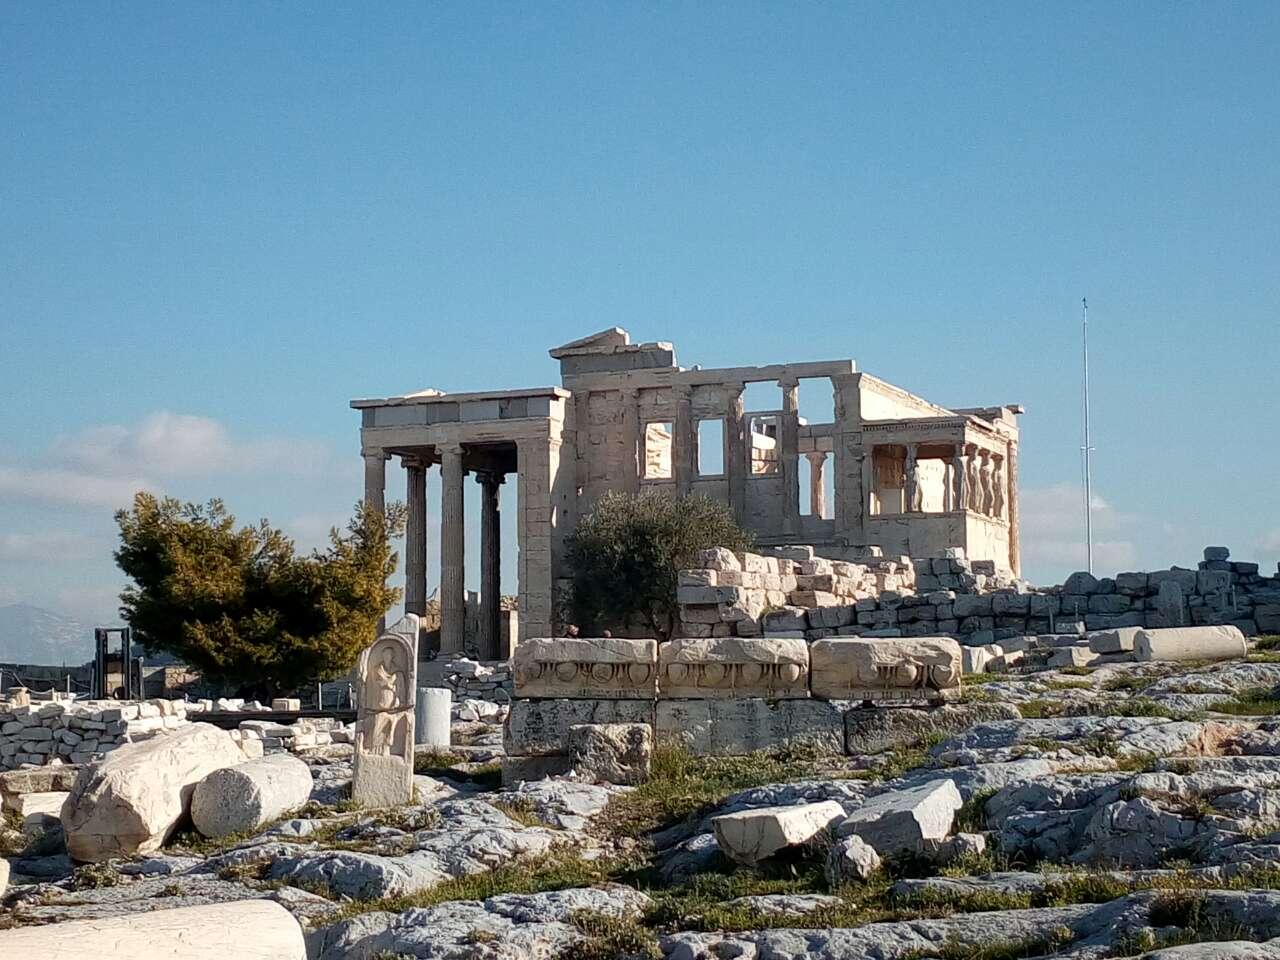 雅典卫城博物馆,这里装着西方文明的源头_顺手